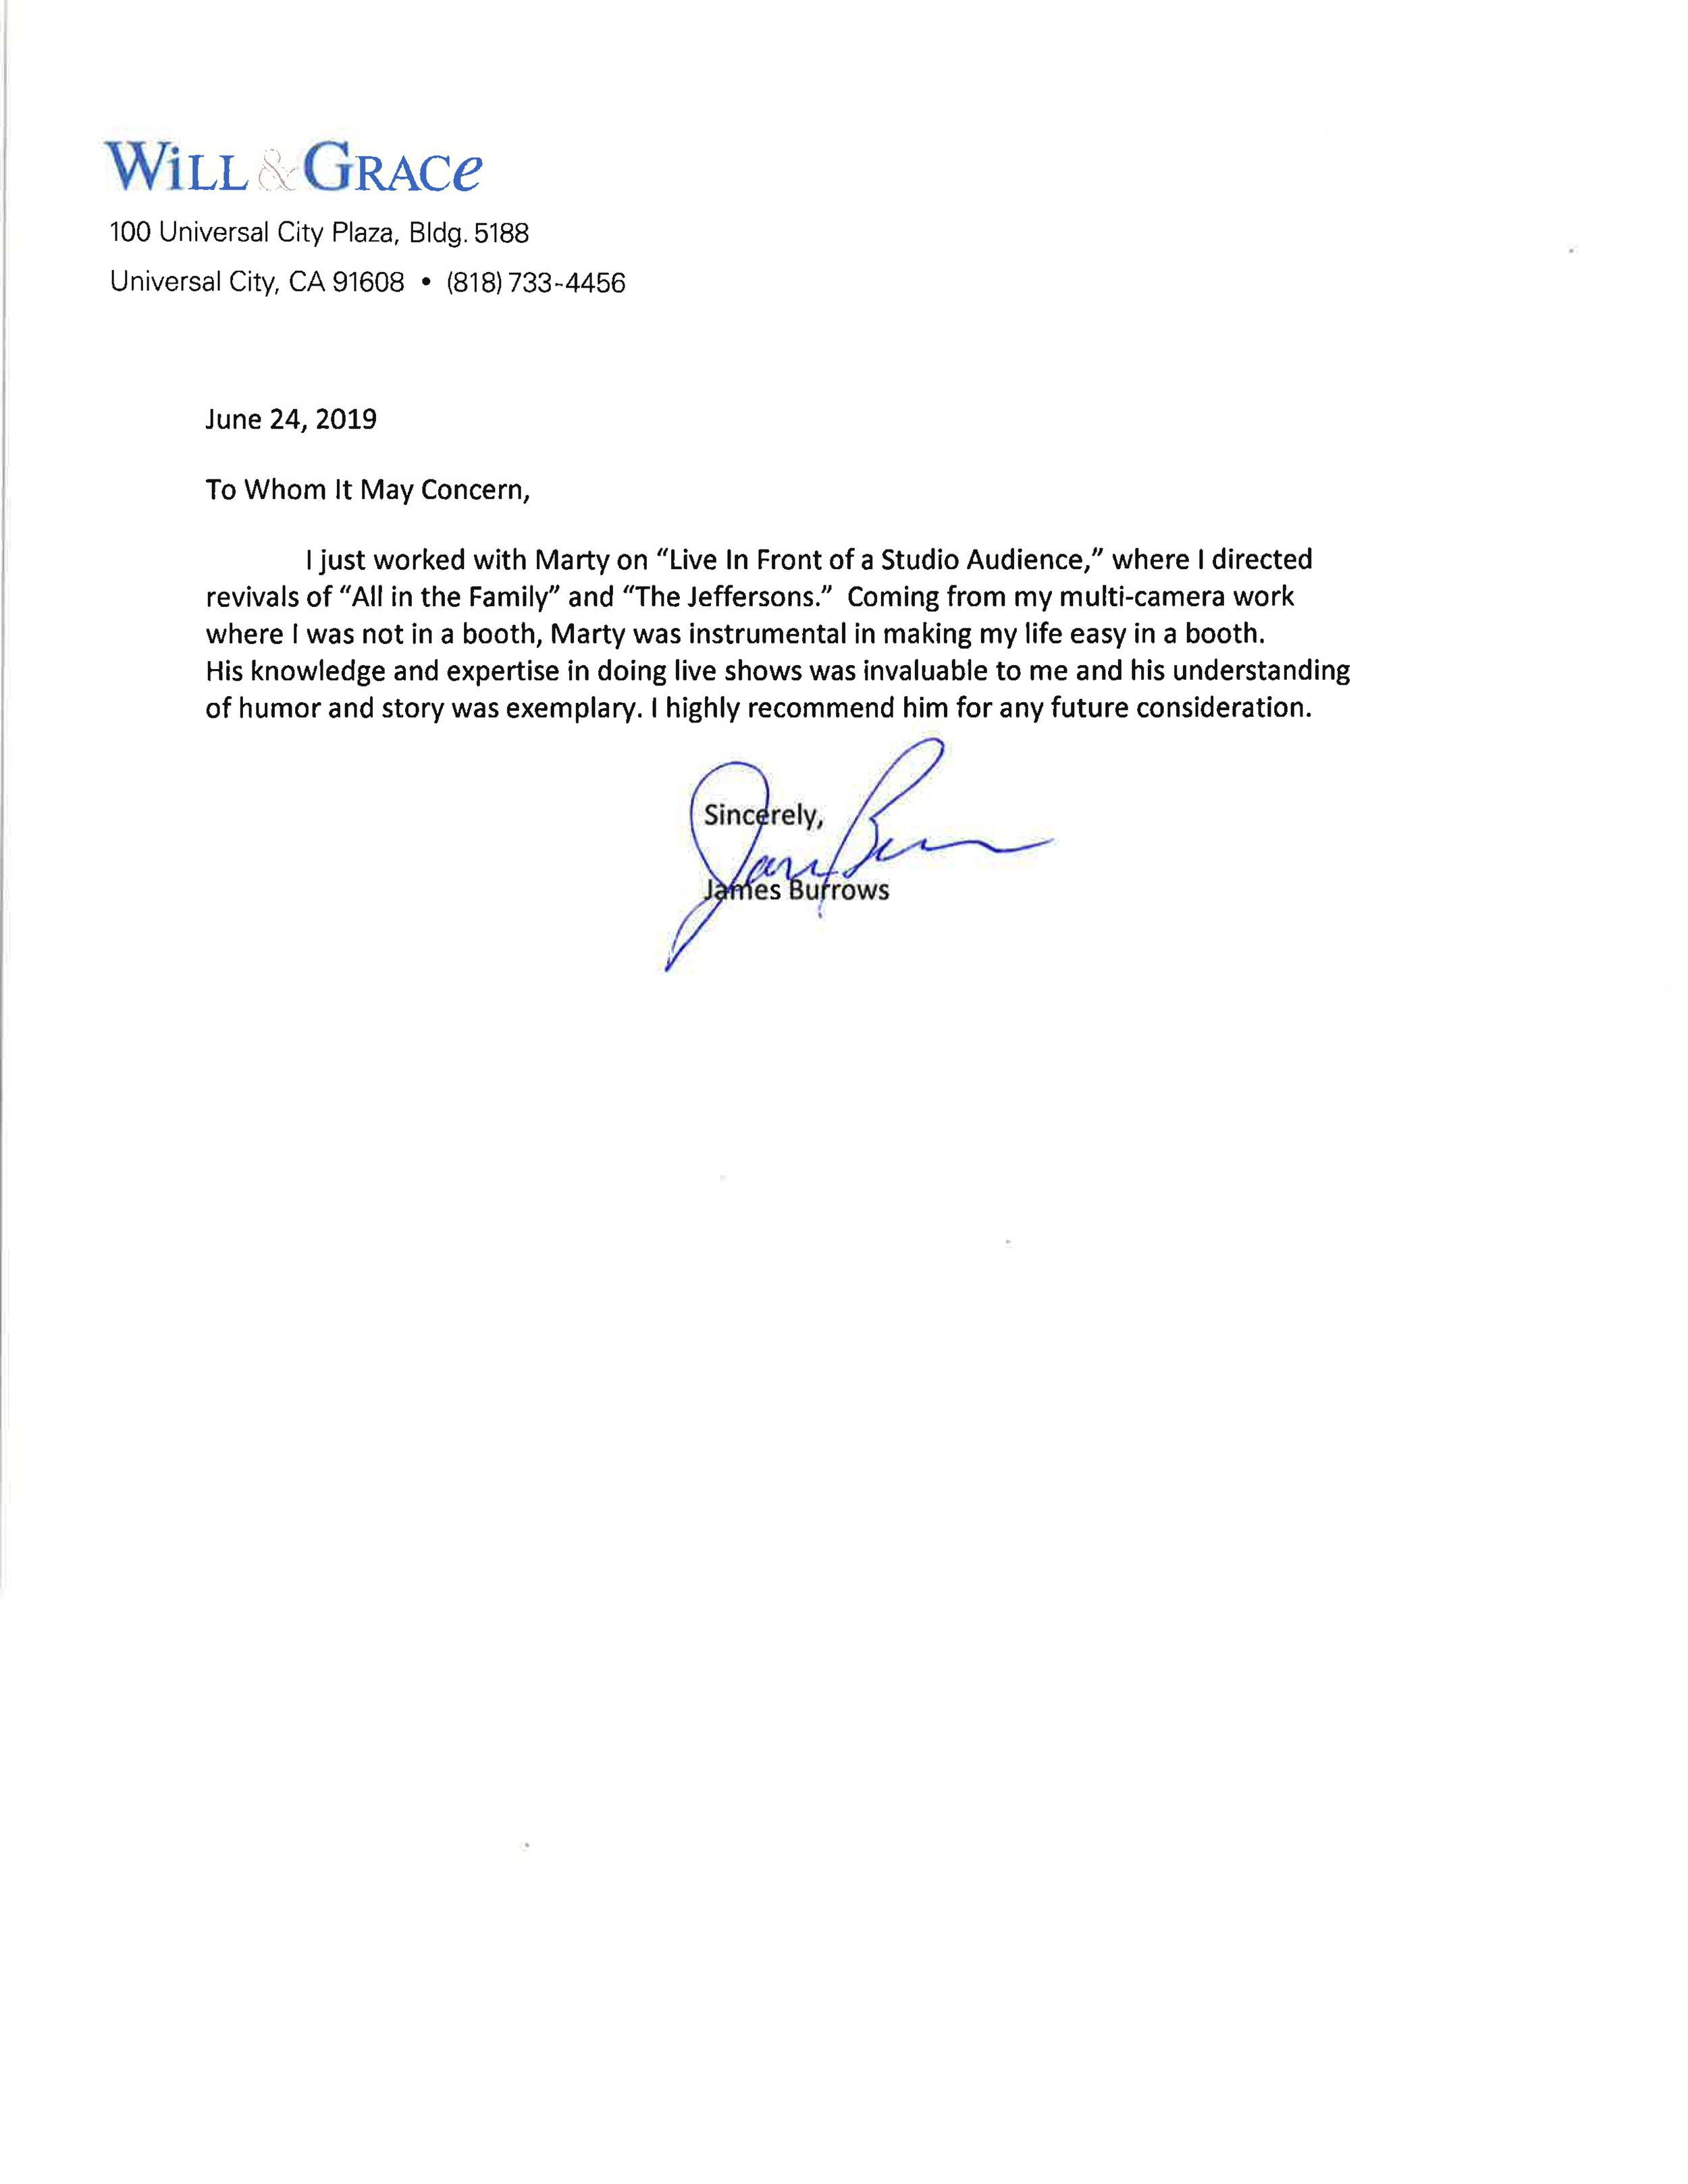 jim burrows letter for website.jpg